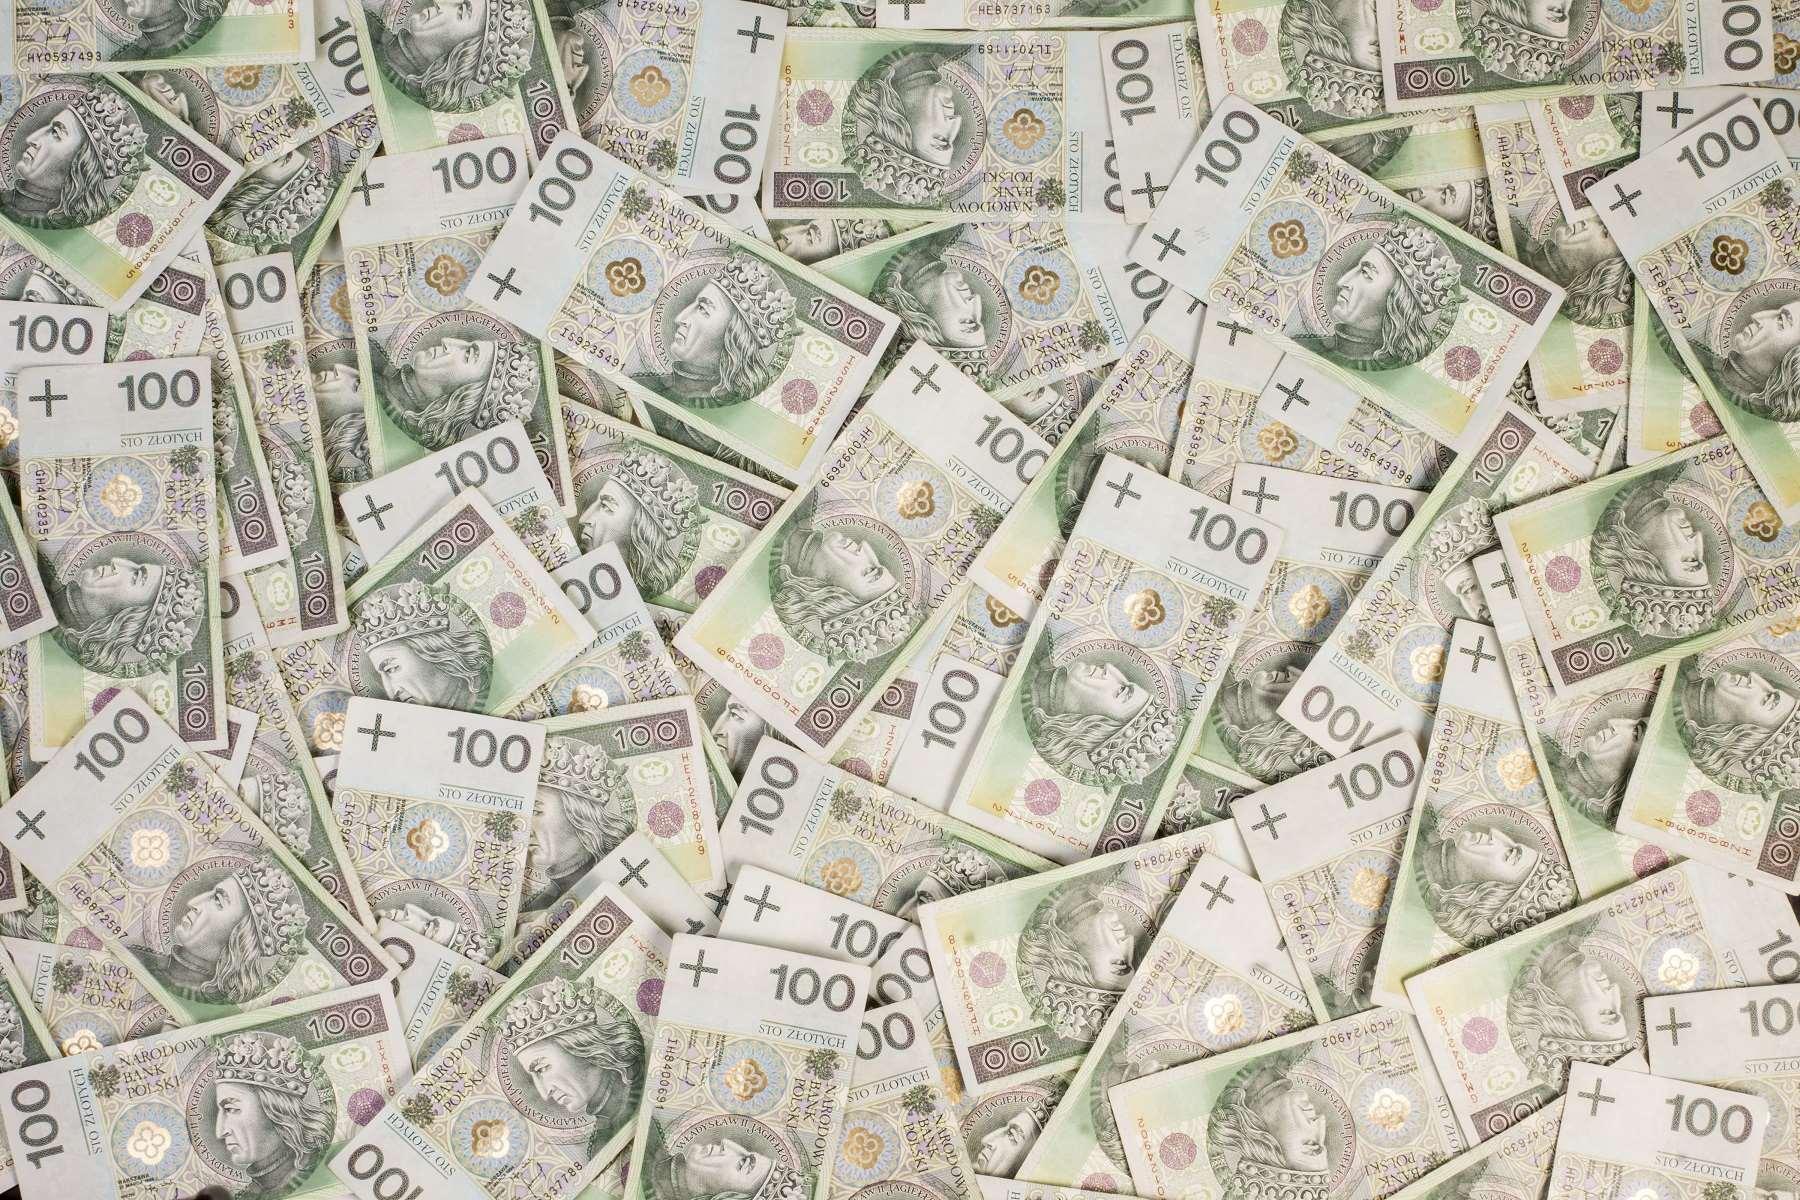 Kapitał własny w przedsiębiorstwie – co to i jak go obliczyć?